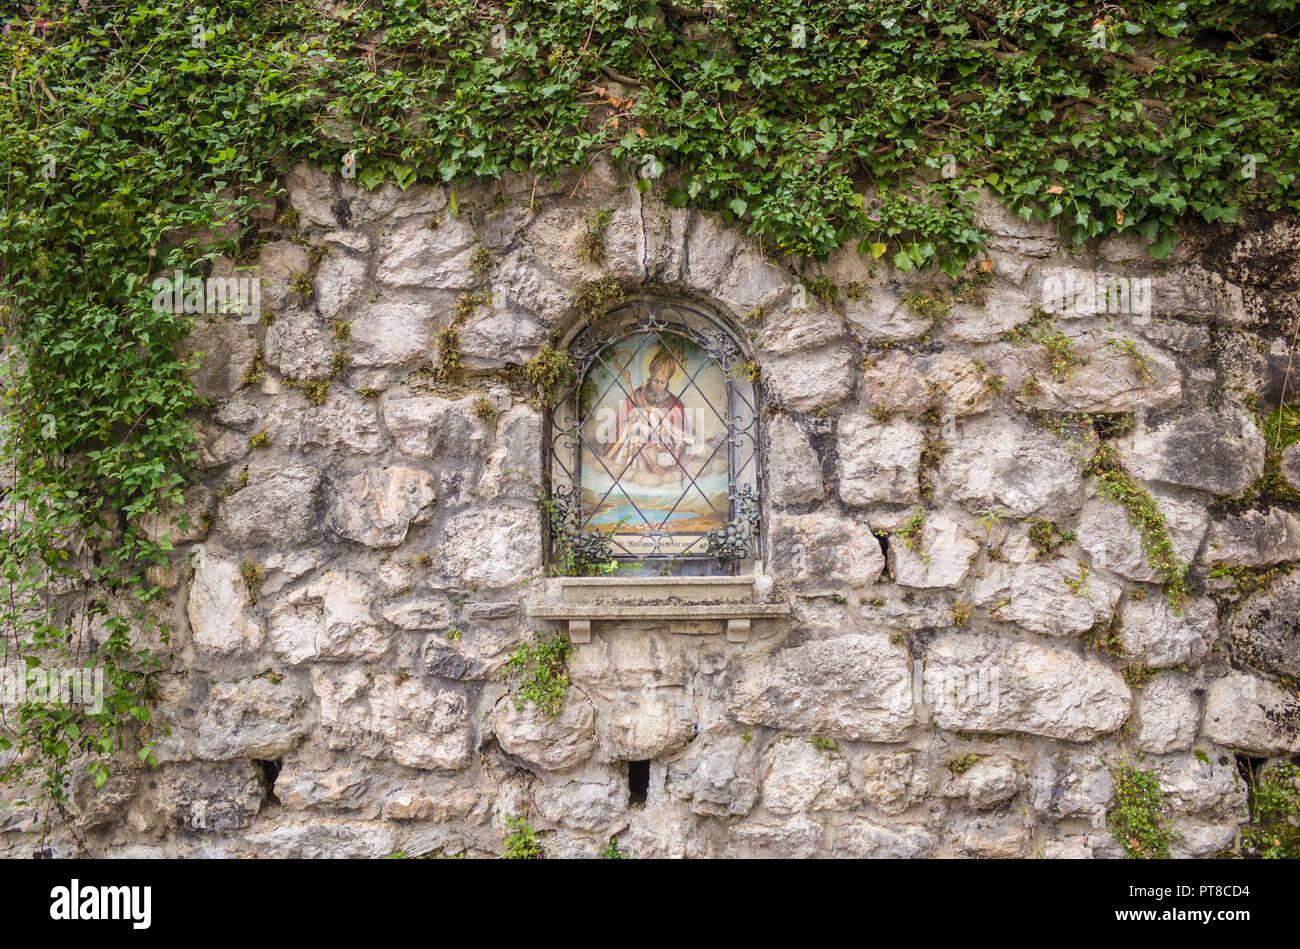 Wand Bildstock Wolfgang auf dem Pilgerweg von St. Gilgen nach St. Wolfgang, Österreich St. Stockbild